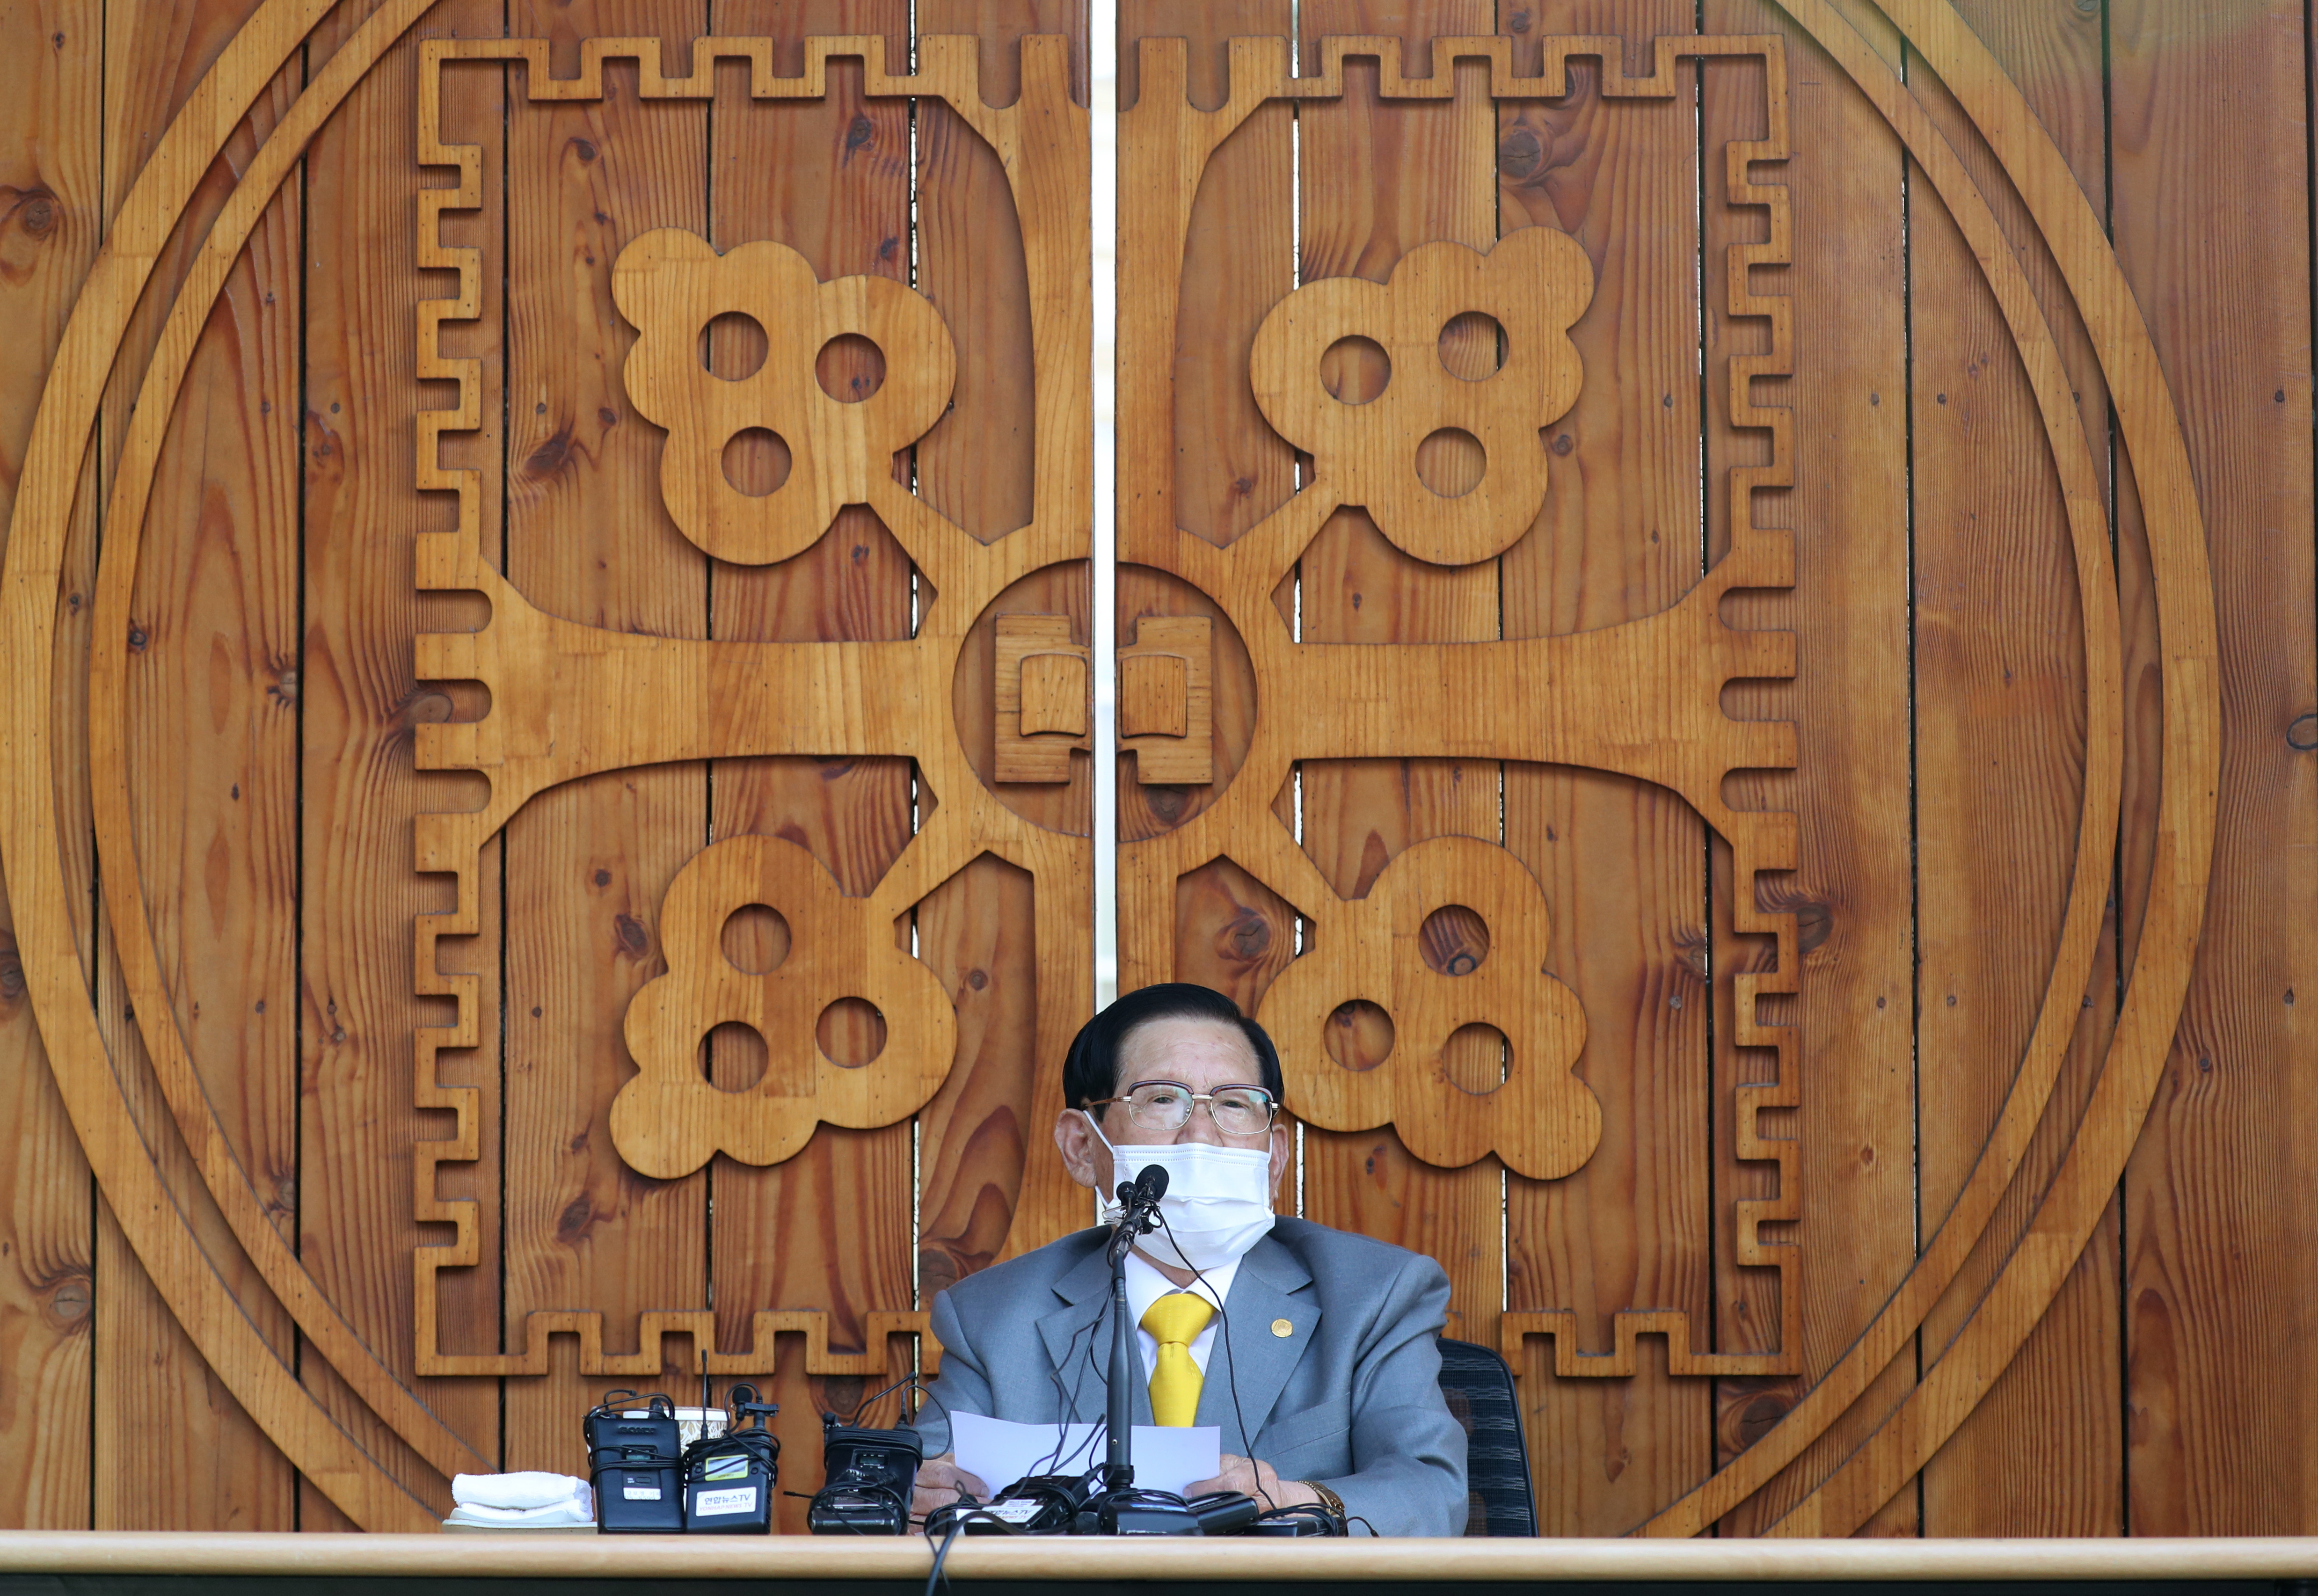 Gyilkosság miatt jelentették fel a koronavírust behozó szekta vezetőjét Dél-Koreában